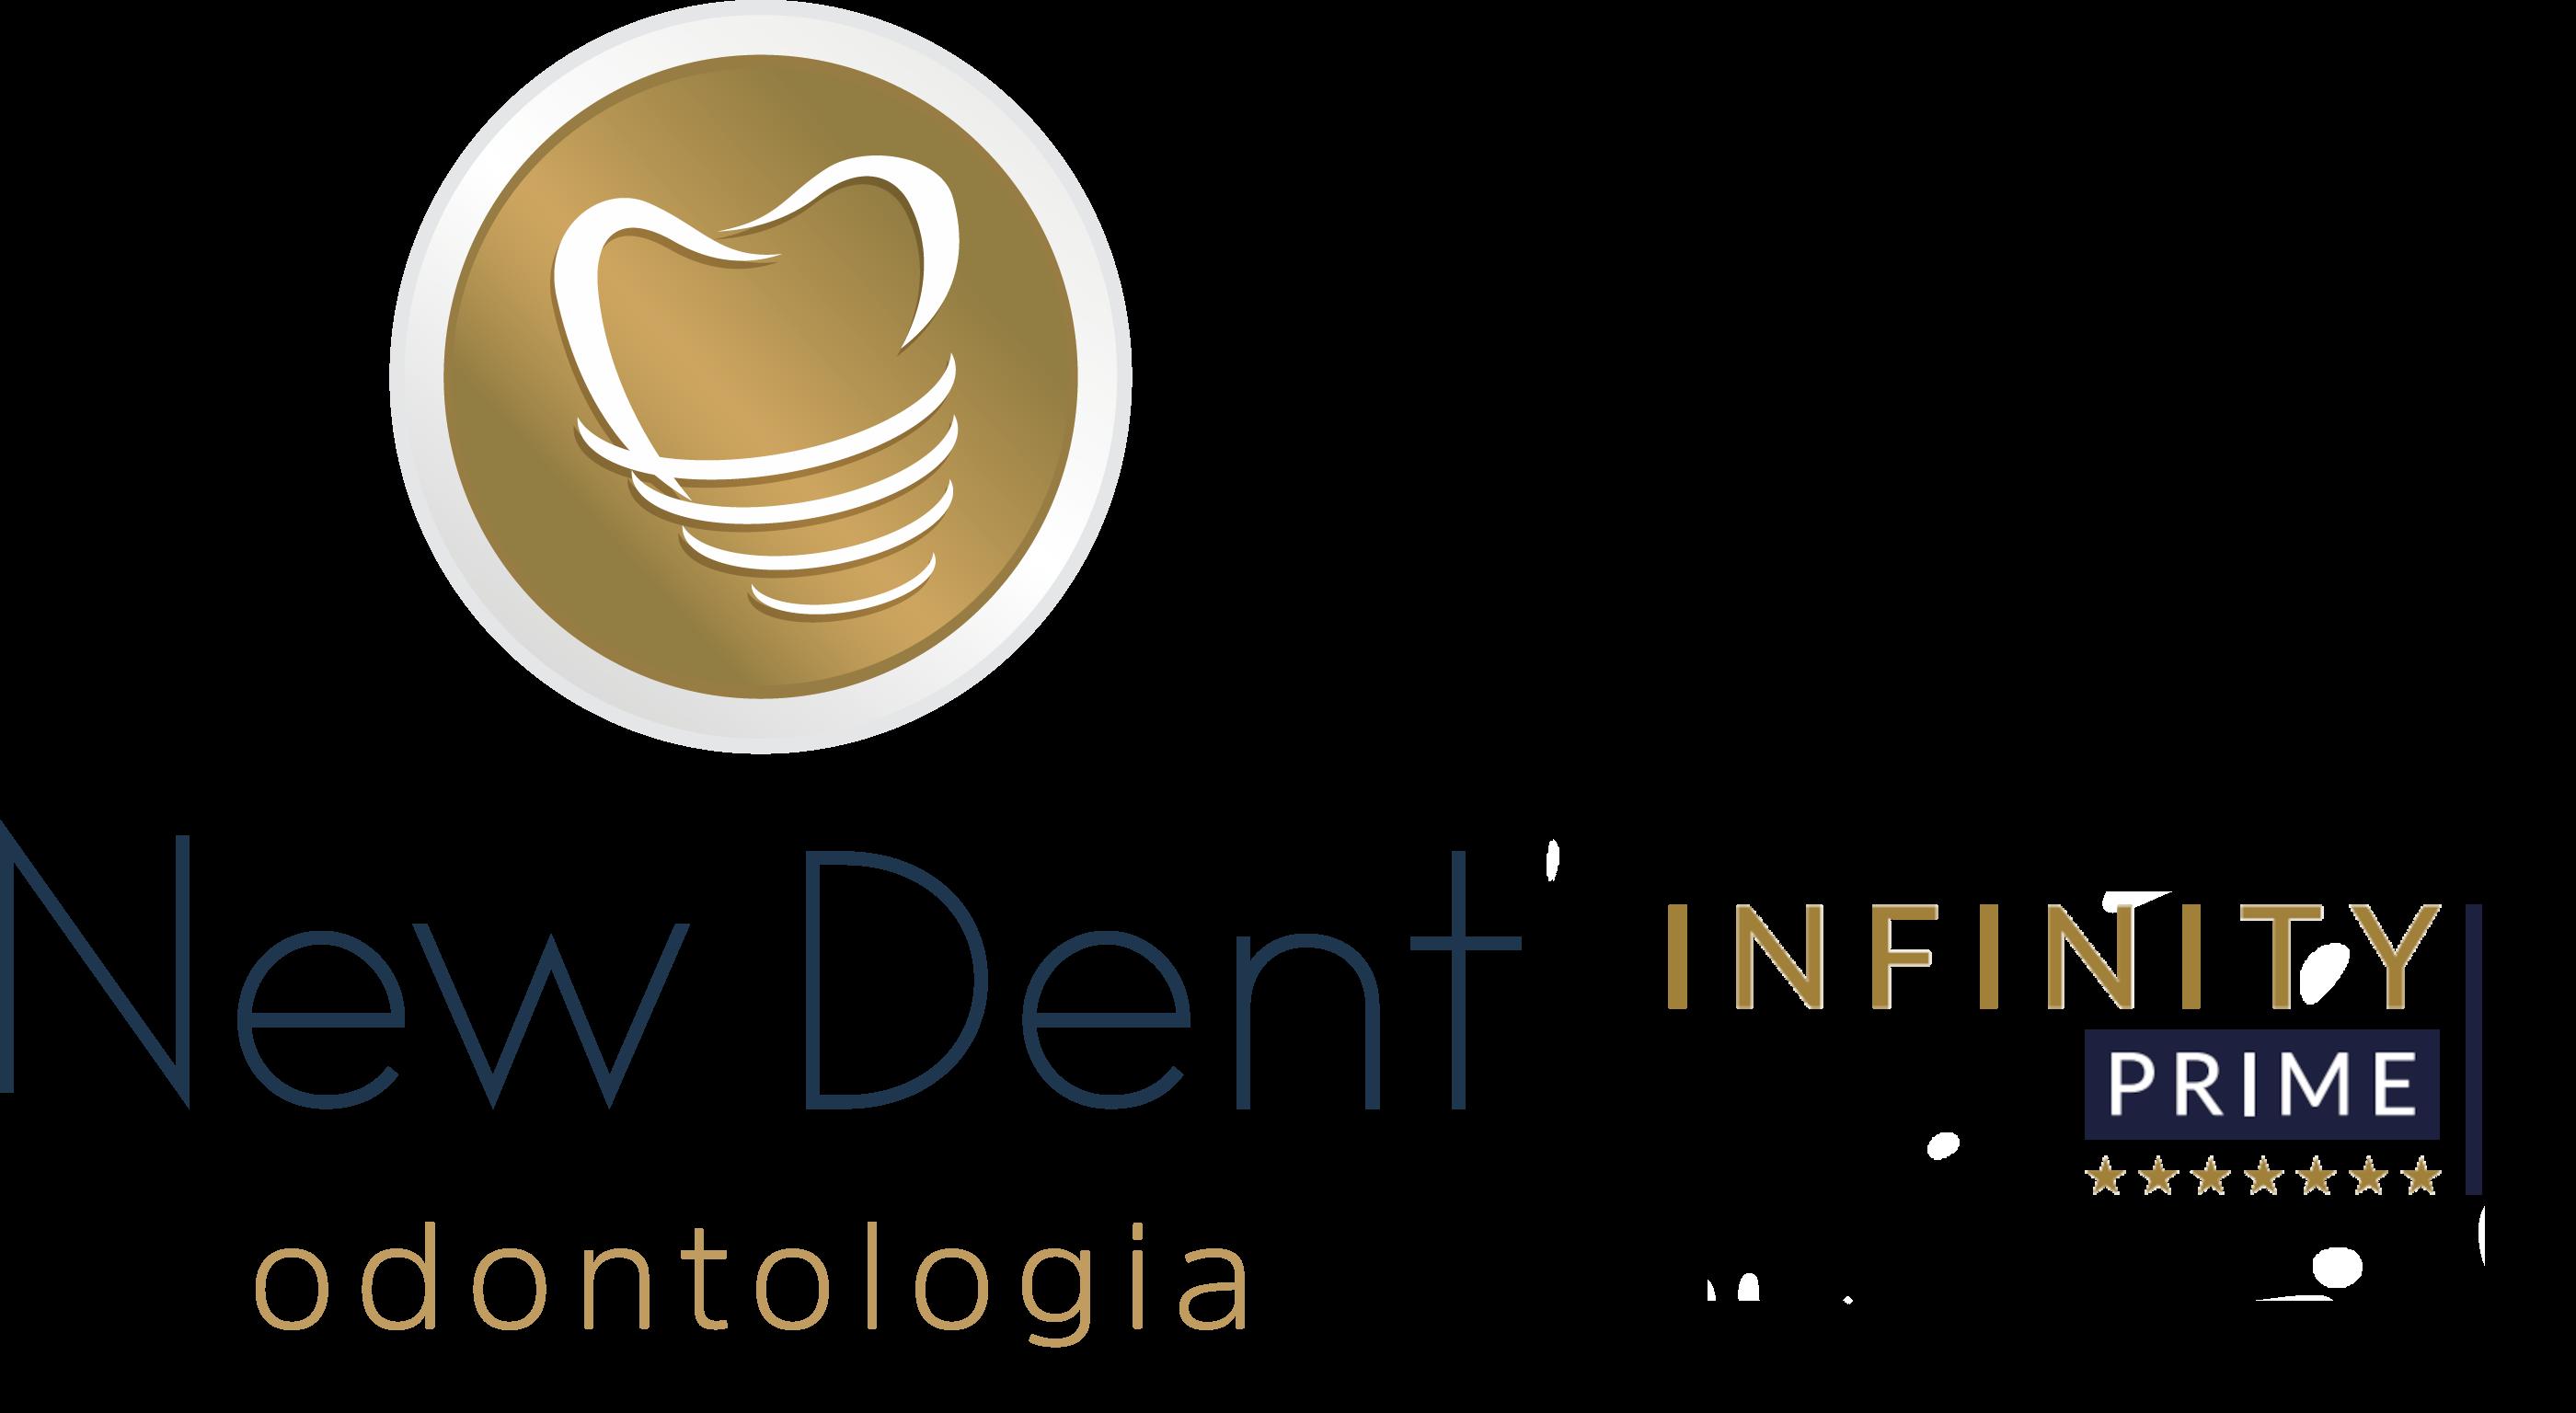 🦷NEW DENT🦷 Dentistas em São José dos Pinhais,Dentistas em São José dos Pinhais,Peridontia em São José dos Pinhais,Endodontia em São José dos Pinhais,implante dentário – Dentista em São José dos Pinhais,Dentistas em São José dos Pinhais,Peridontia em São José dos Pinhais,Endodontia em São José dos Pinhais,implante dentário – NEW DENT Dentistas em São José dos Pinhais,Dentistas em São José dos Pinhais,Peridontia em São José dos Pinhais,Endodontia em São José dos Pinhais,implante dentário – Dentista em São José dos Pinhais,Dentistas em São José dos Pinhais,Peridontia em São José dos Pinhais,Endodontia em São José dos Pinhais,implante dentário